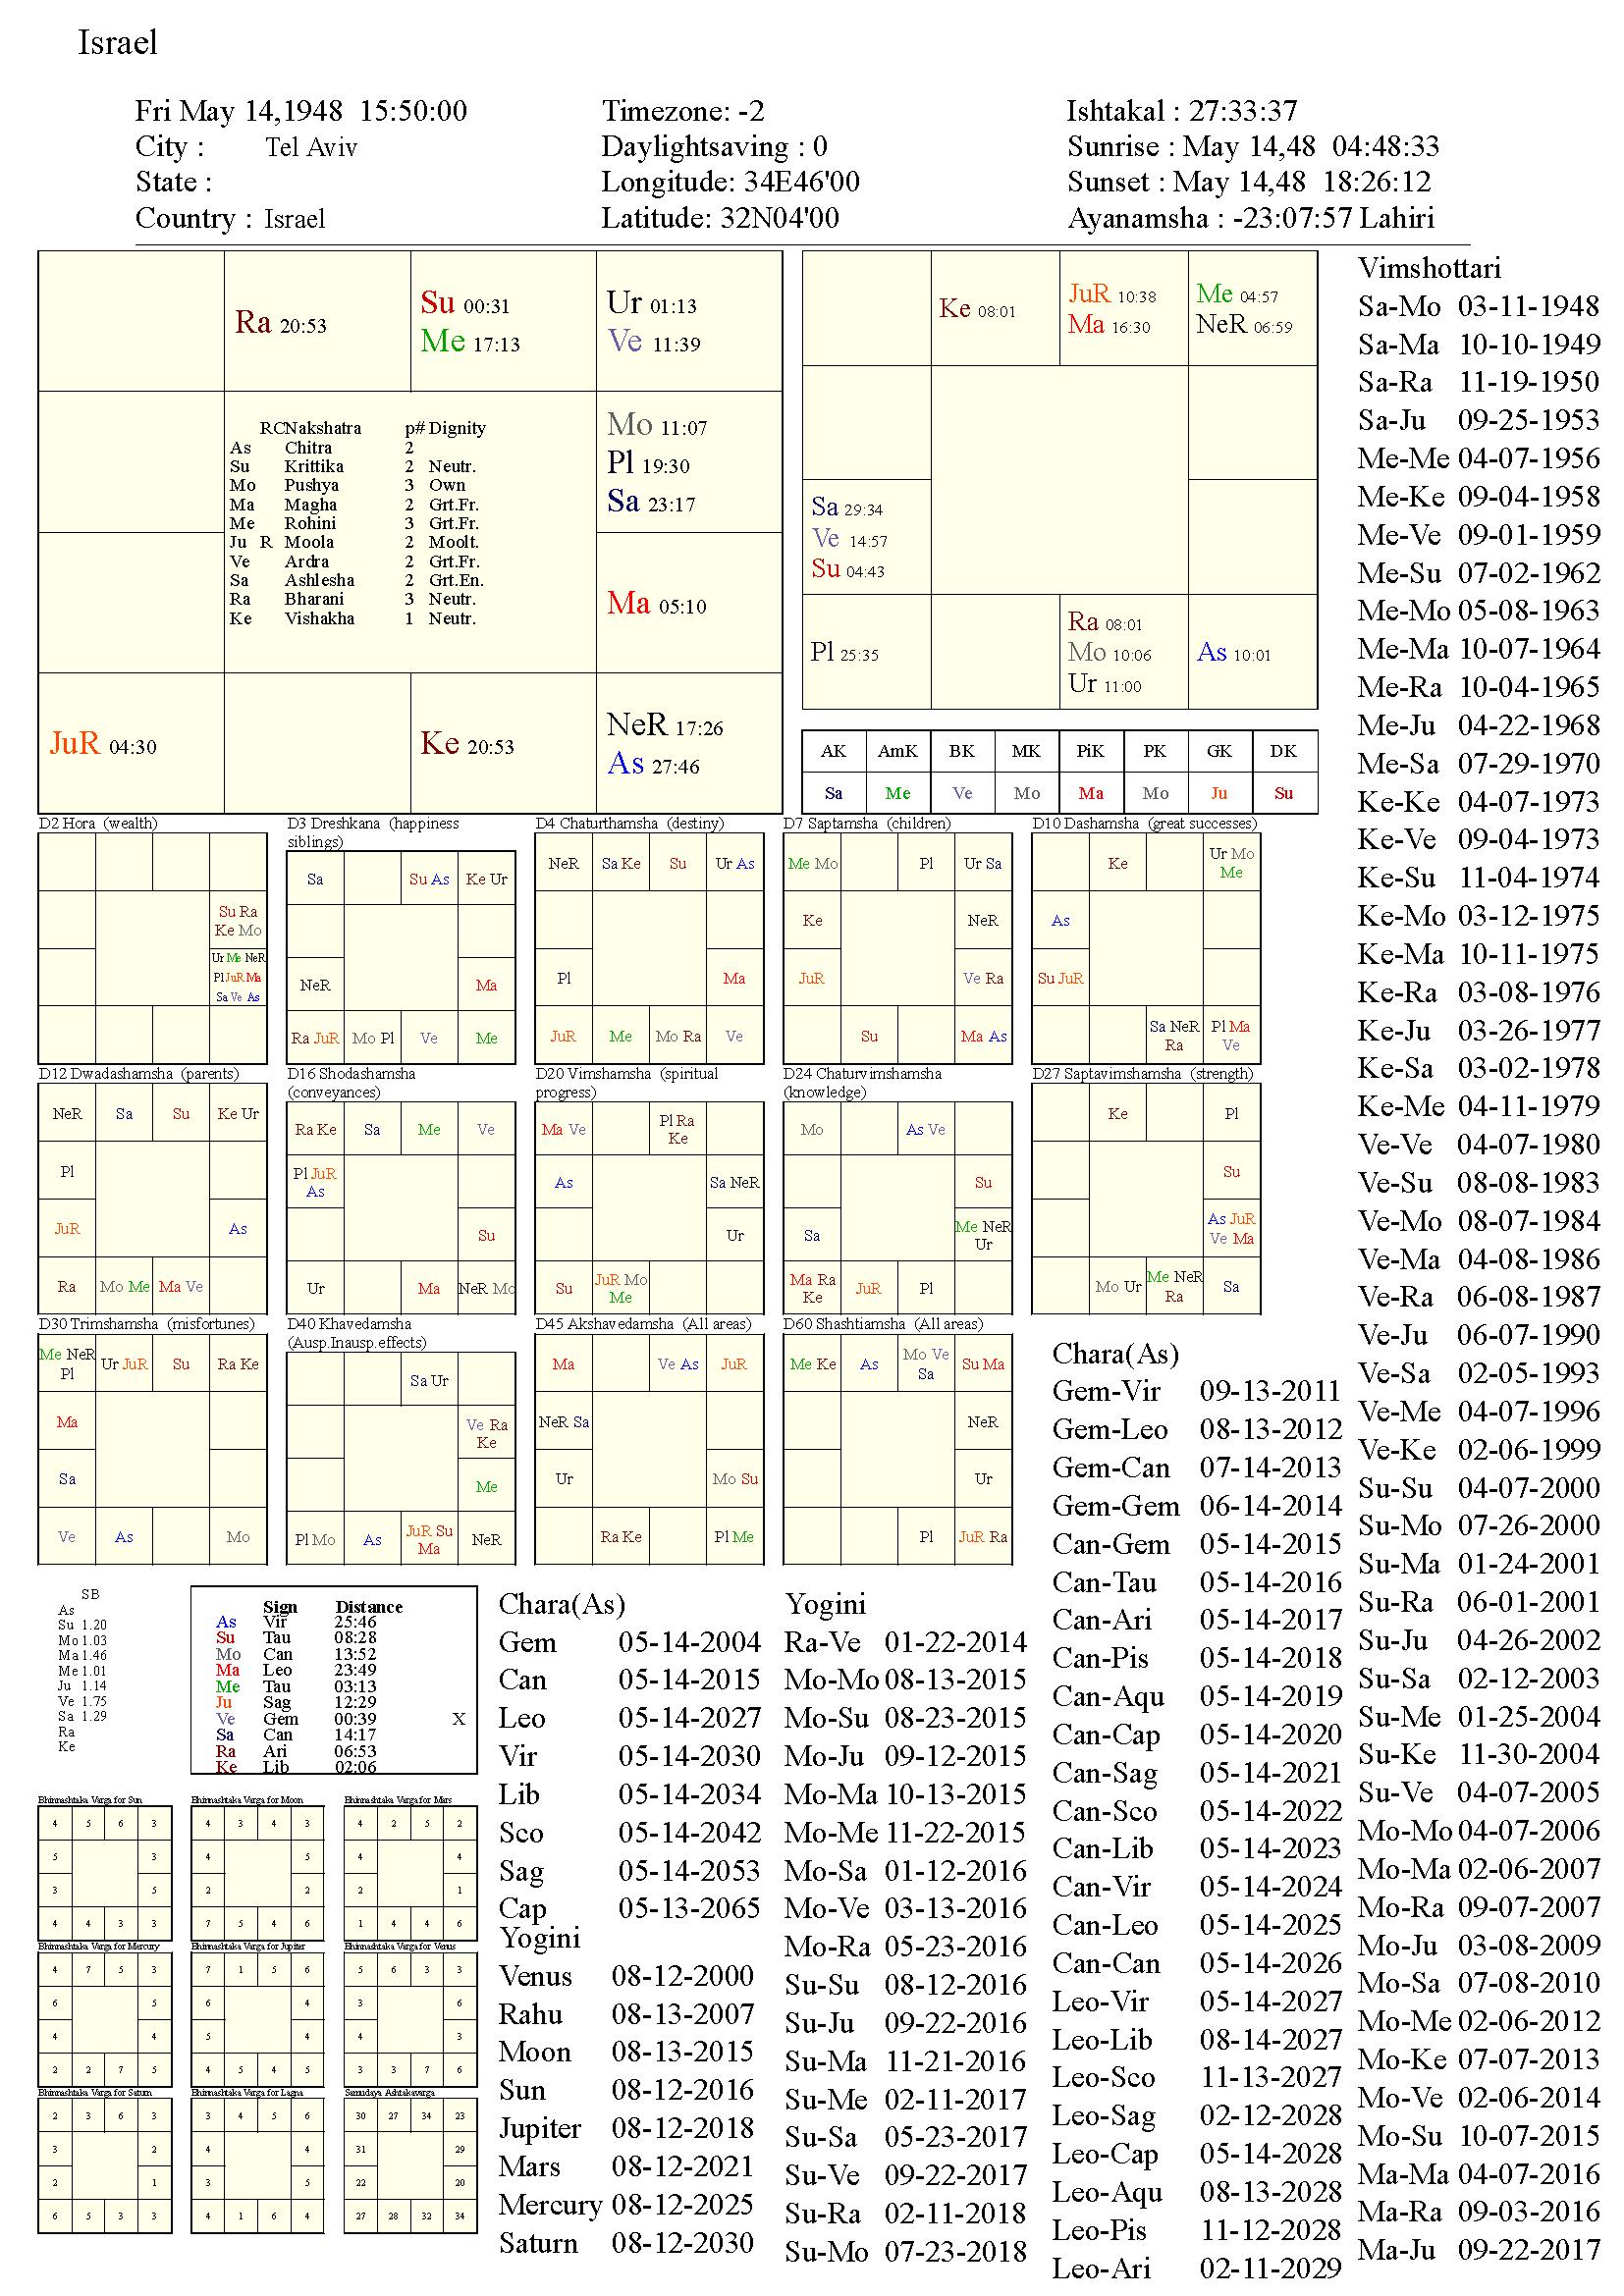 Israel_chart